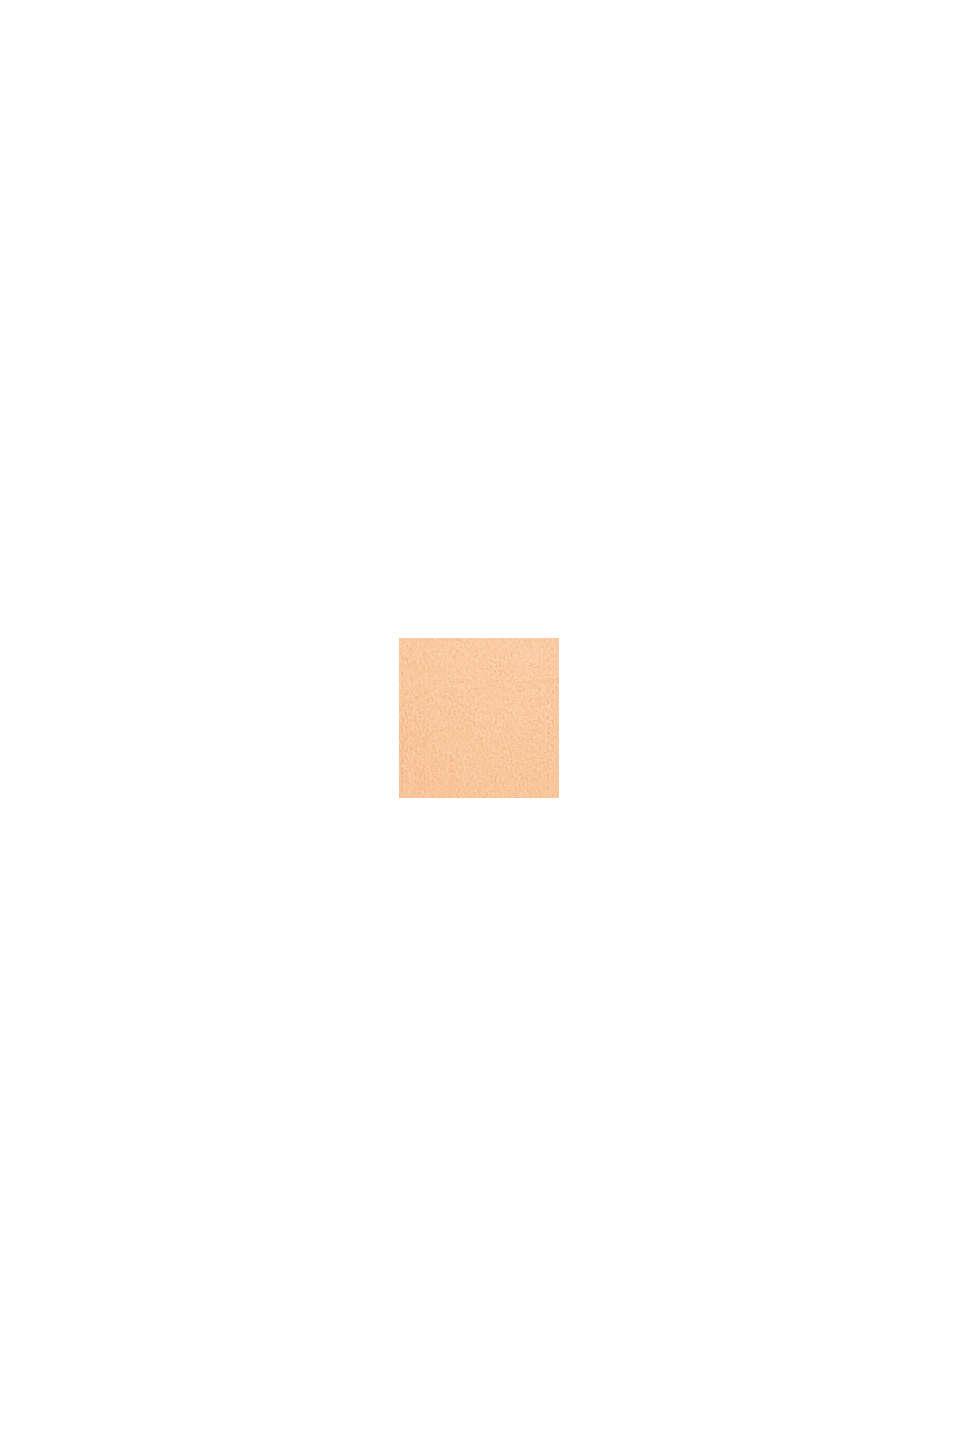 ESPRIT Woman Déodorant, 75 ml, ONE COLOUR, swatch